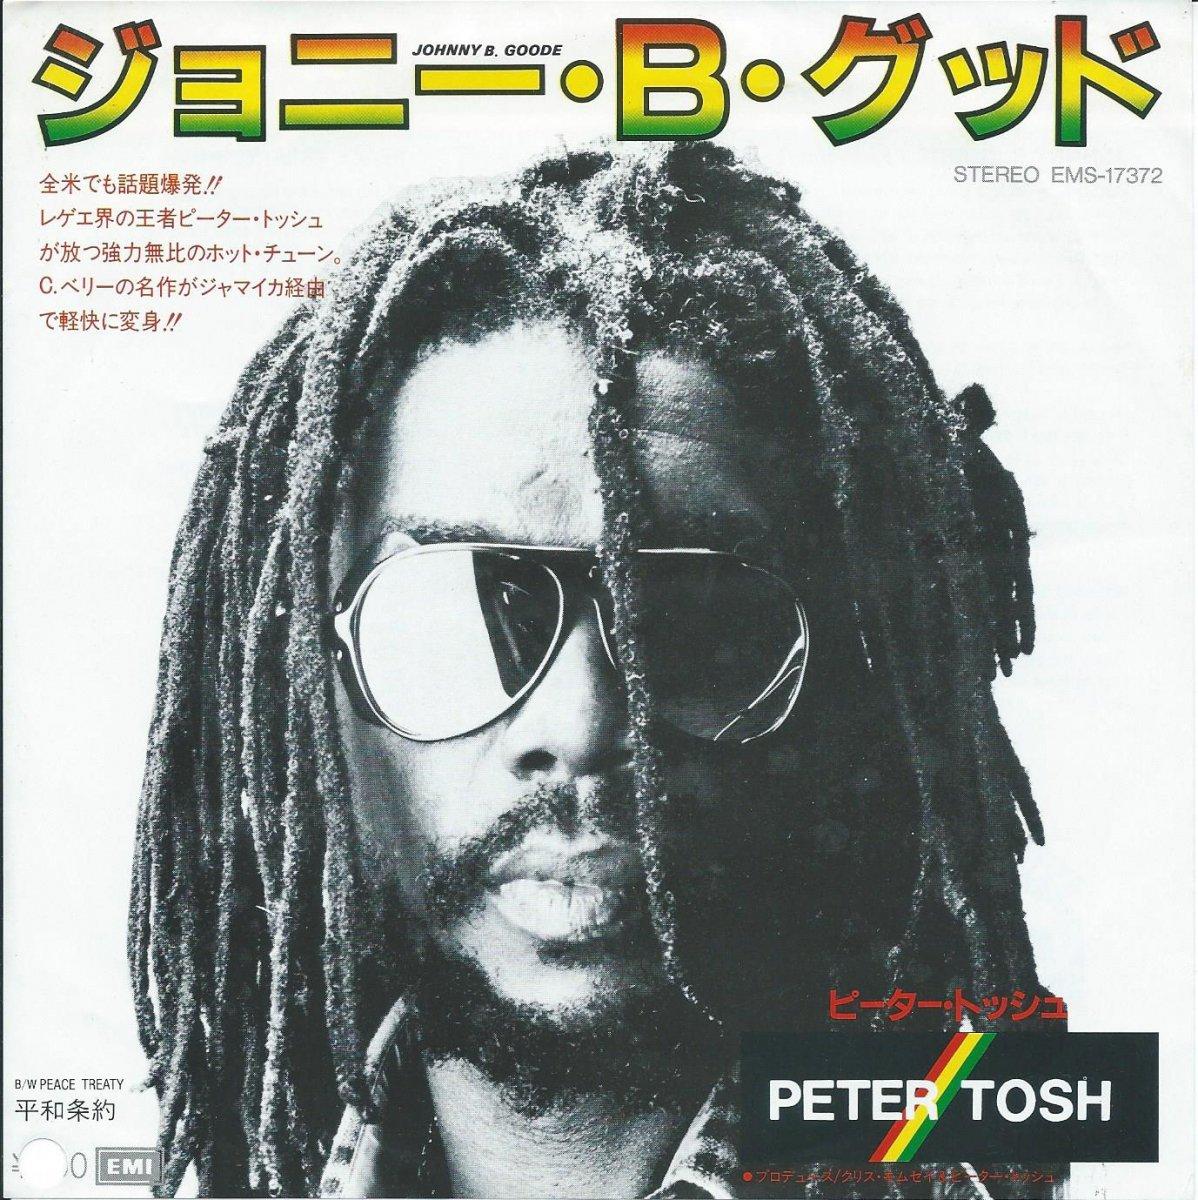 ピーター・トッシュ PETER TOSH / ジョニー・B・グッド JOHNNY B.GOOD (7